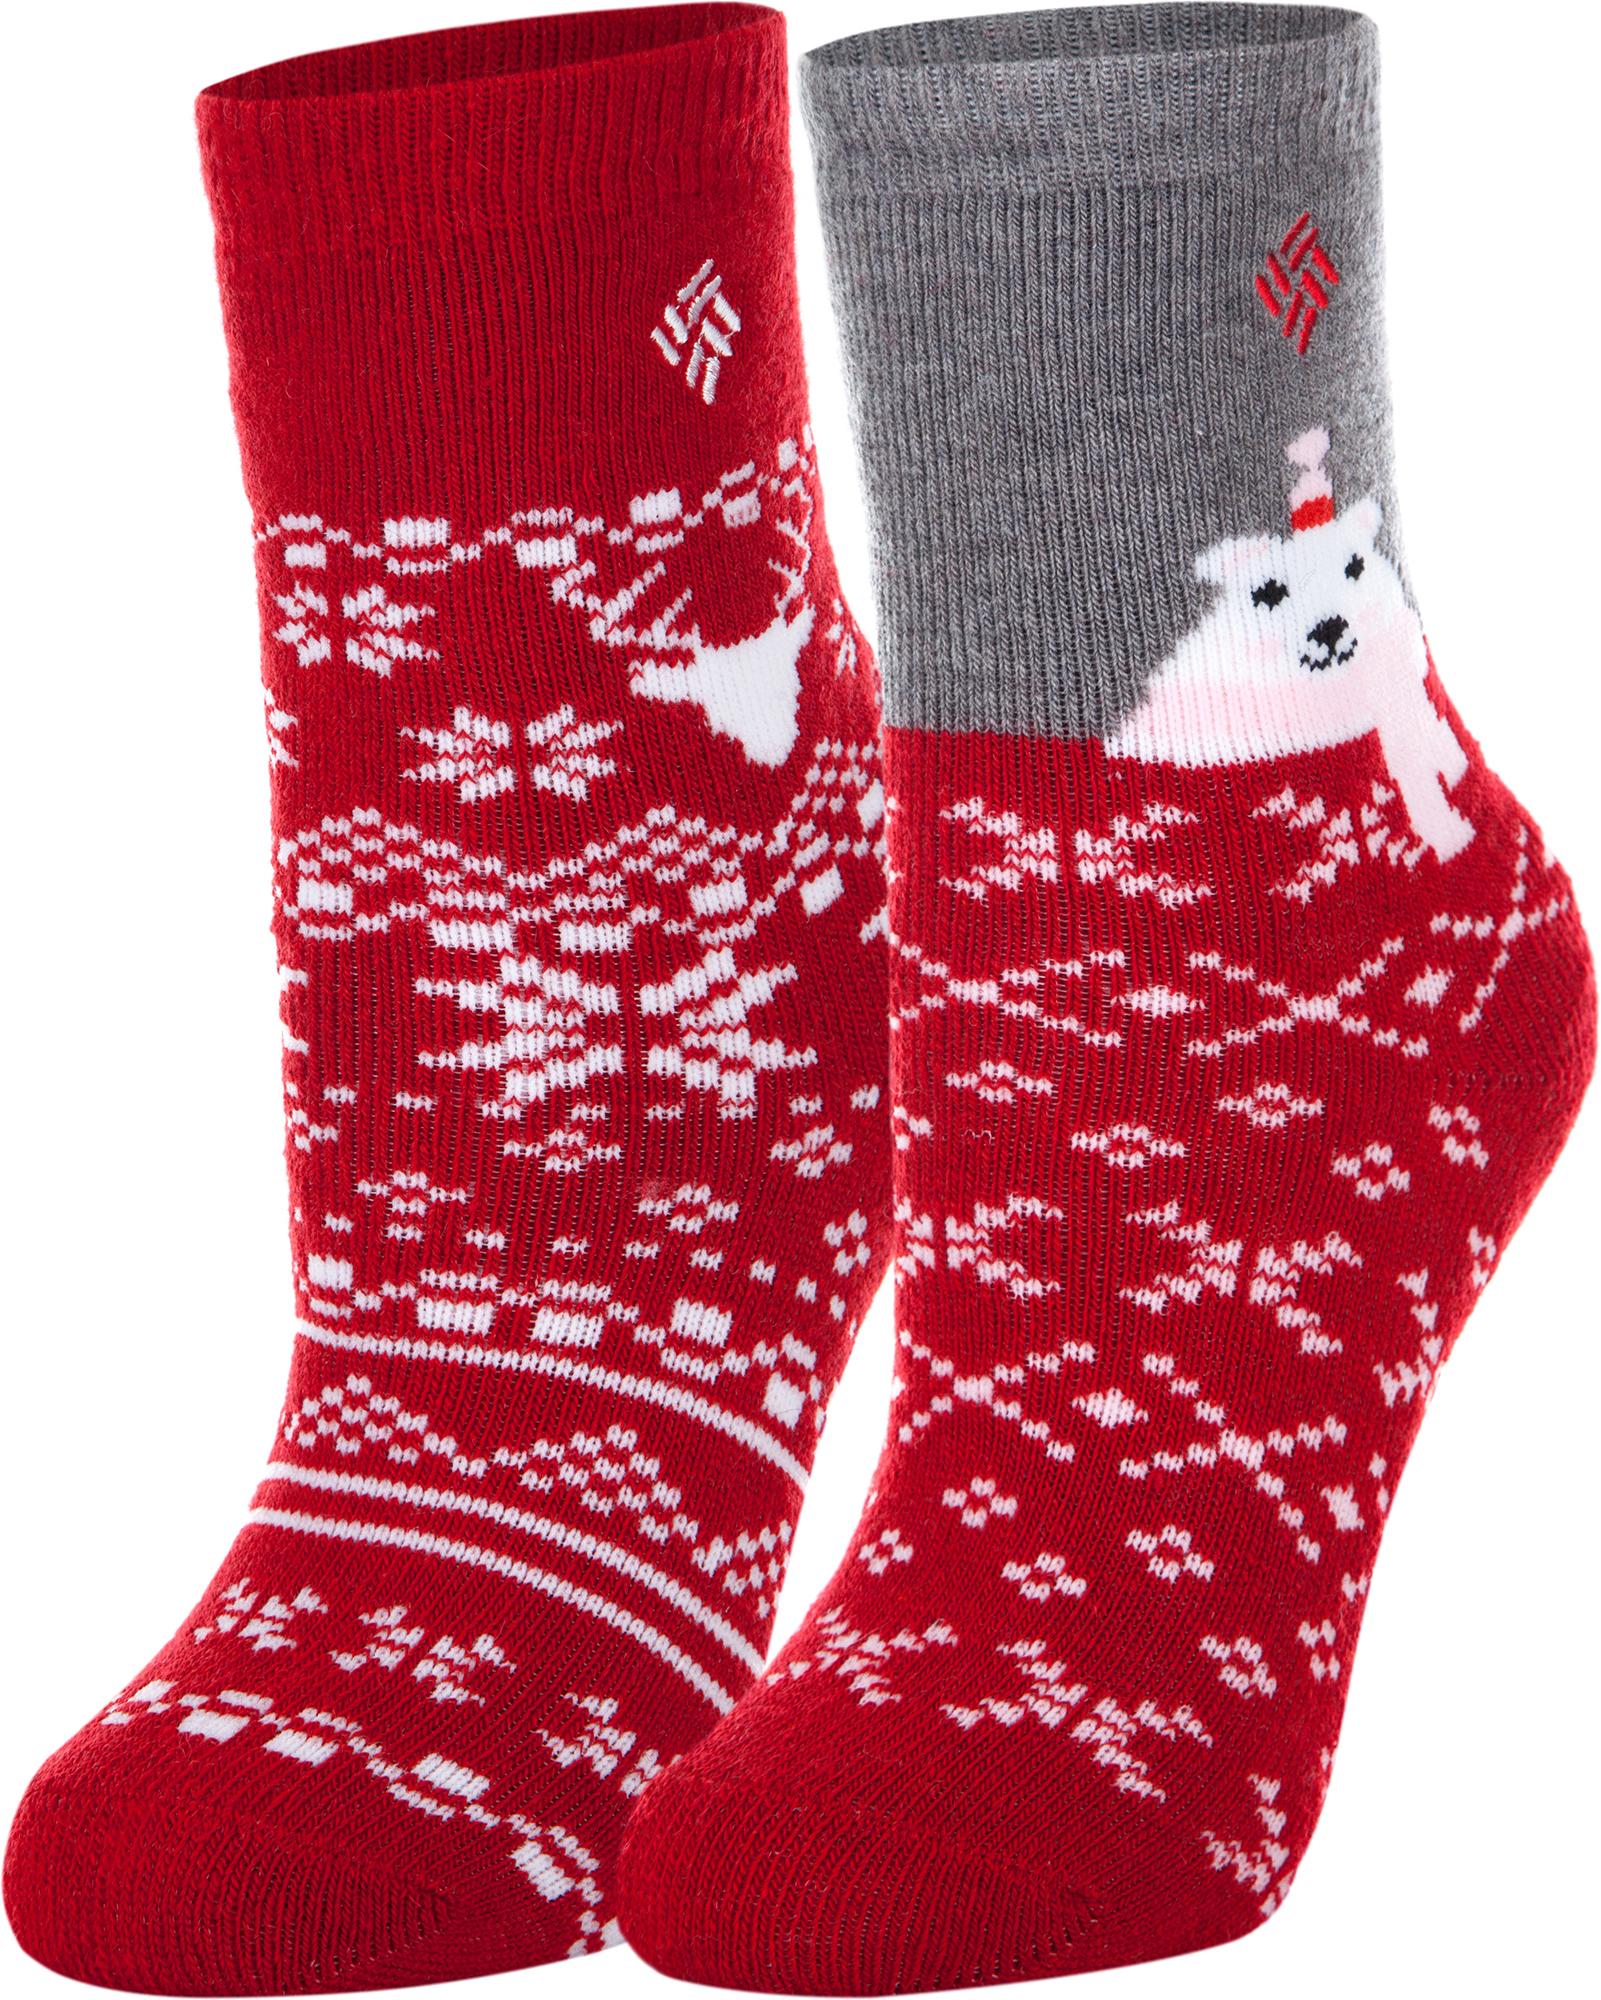 белье acoola носки детские 2 пары цвет ассорти размер 16 18 32114420052 Columbia Носки для девочек Columbia, 2 пары, размер 27-30